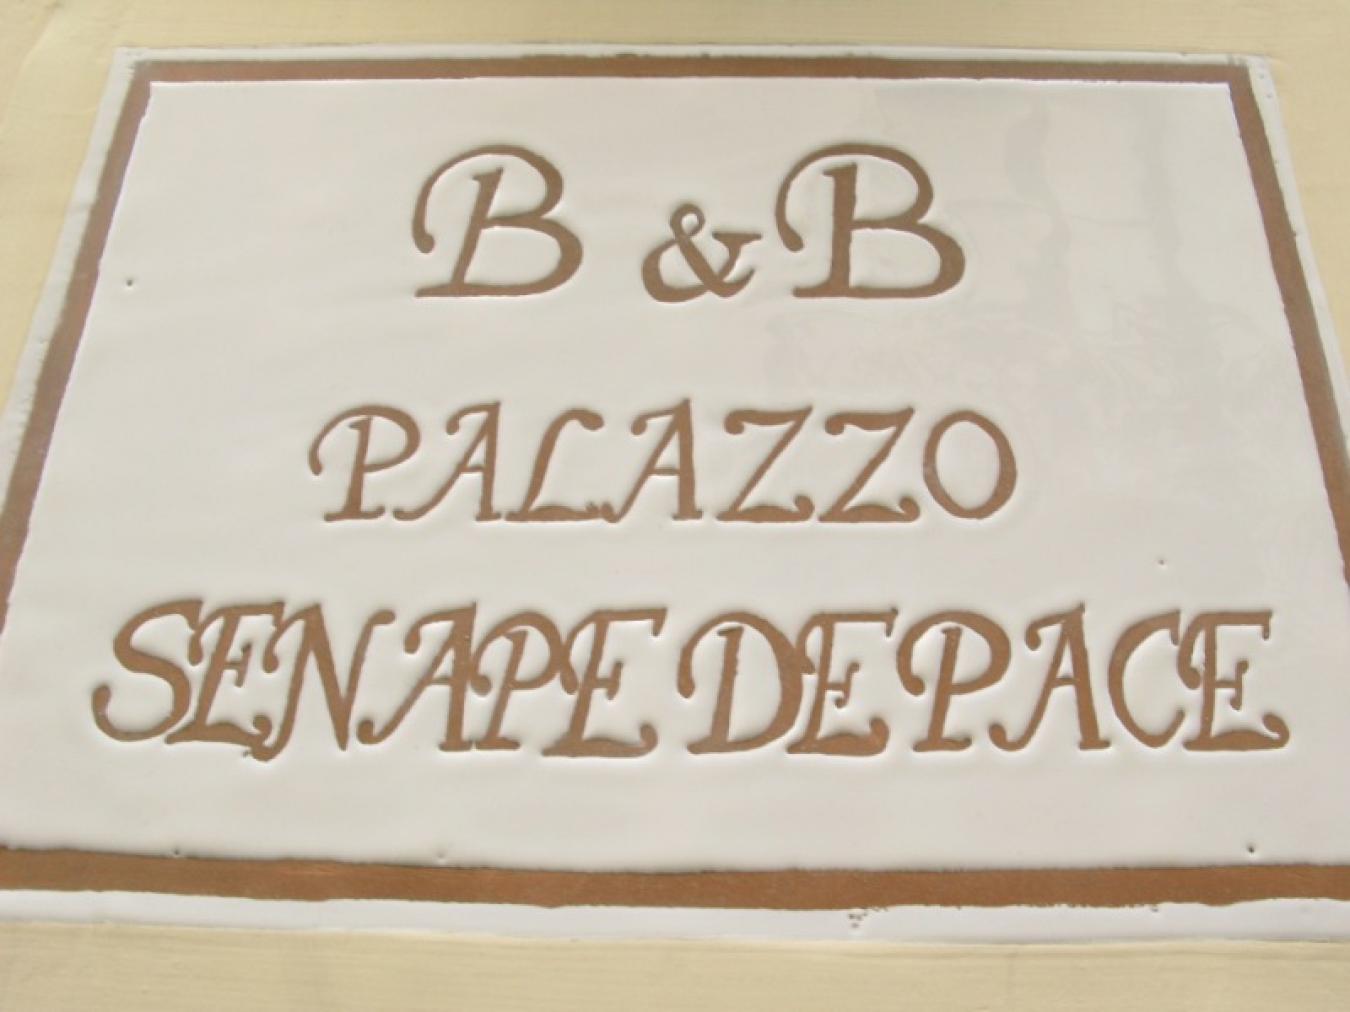 case vacanze - Gallipoli - B&B Palazzo Senape De Pace